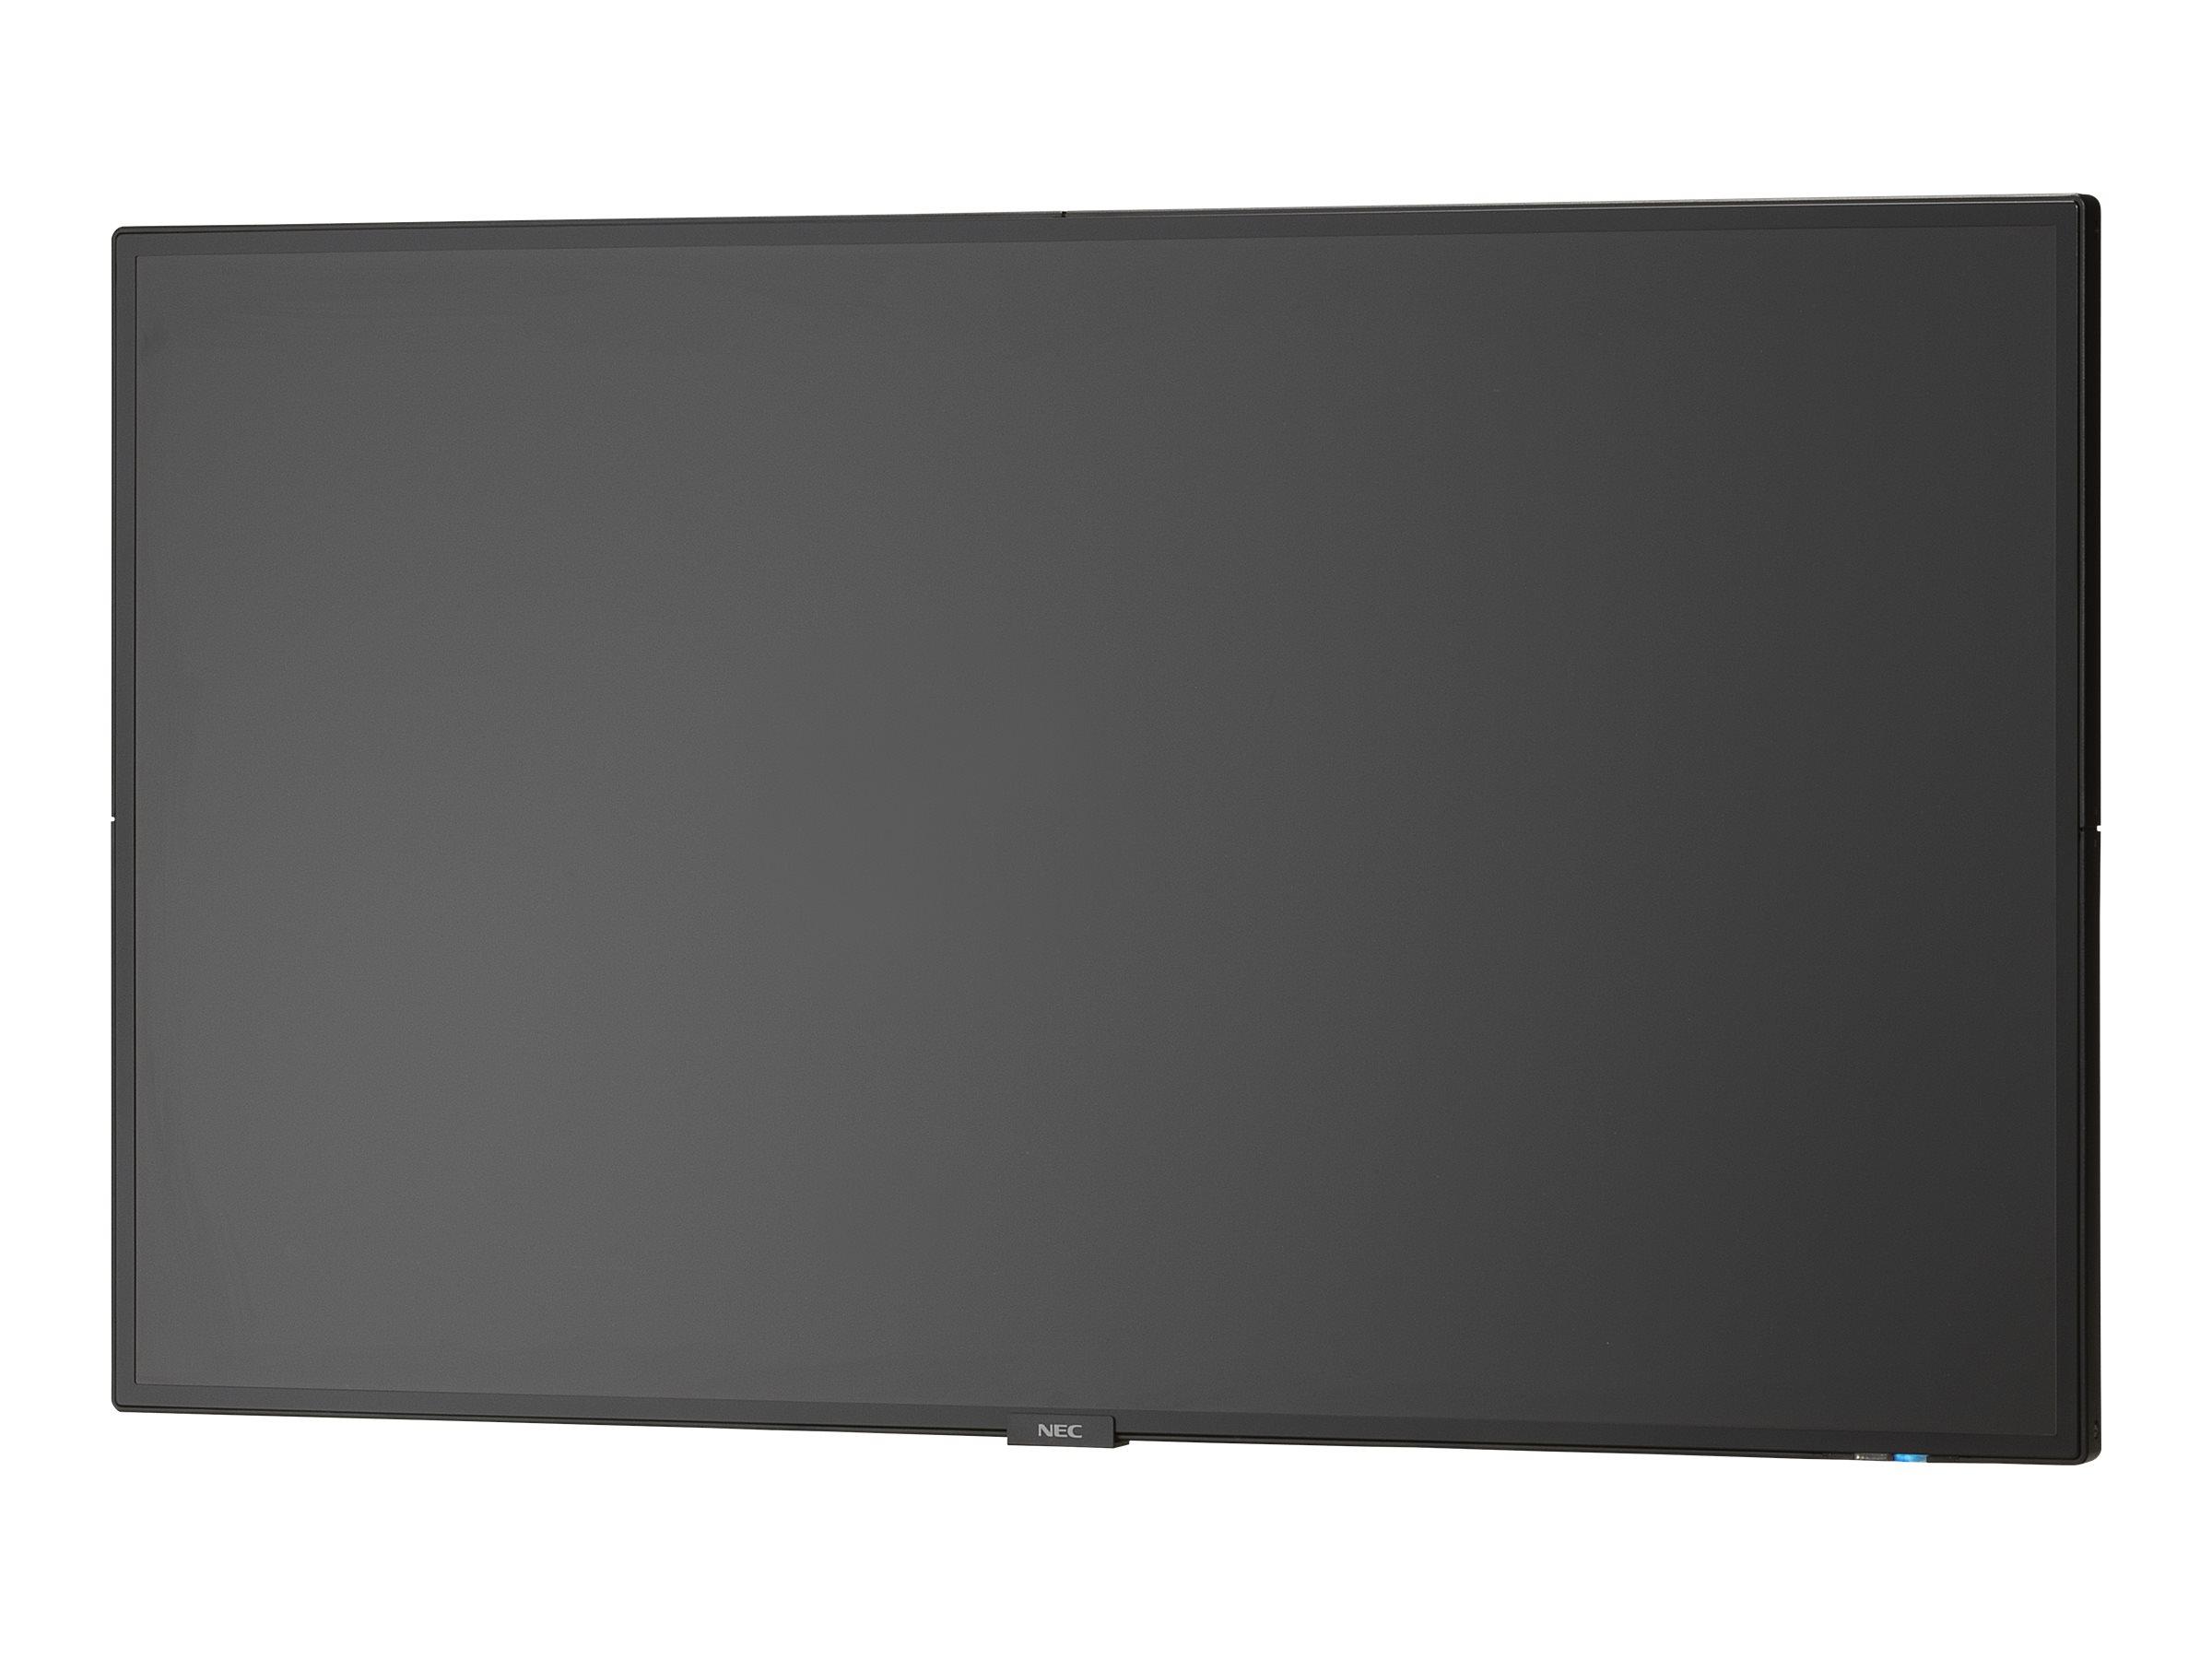 NEC MultiSync P404 - 101.6 cm (40